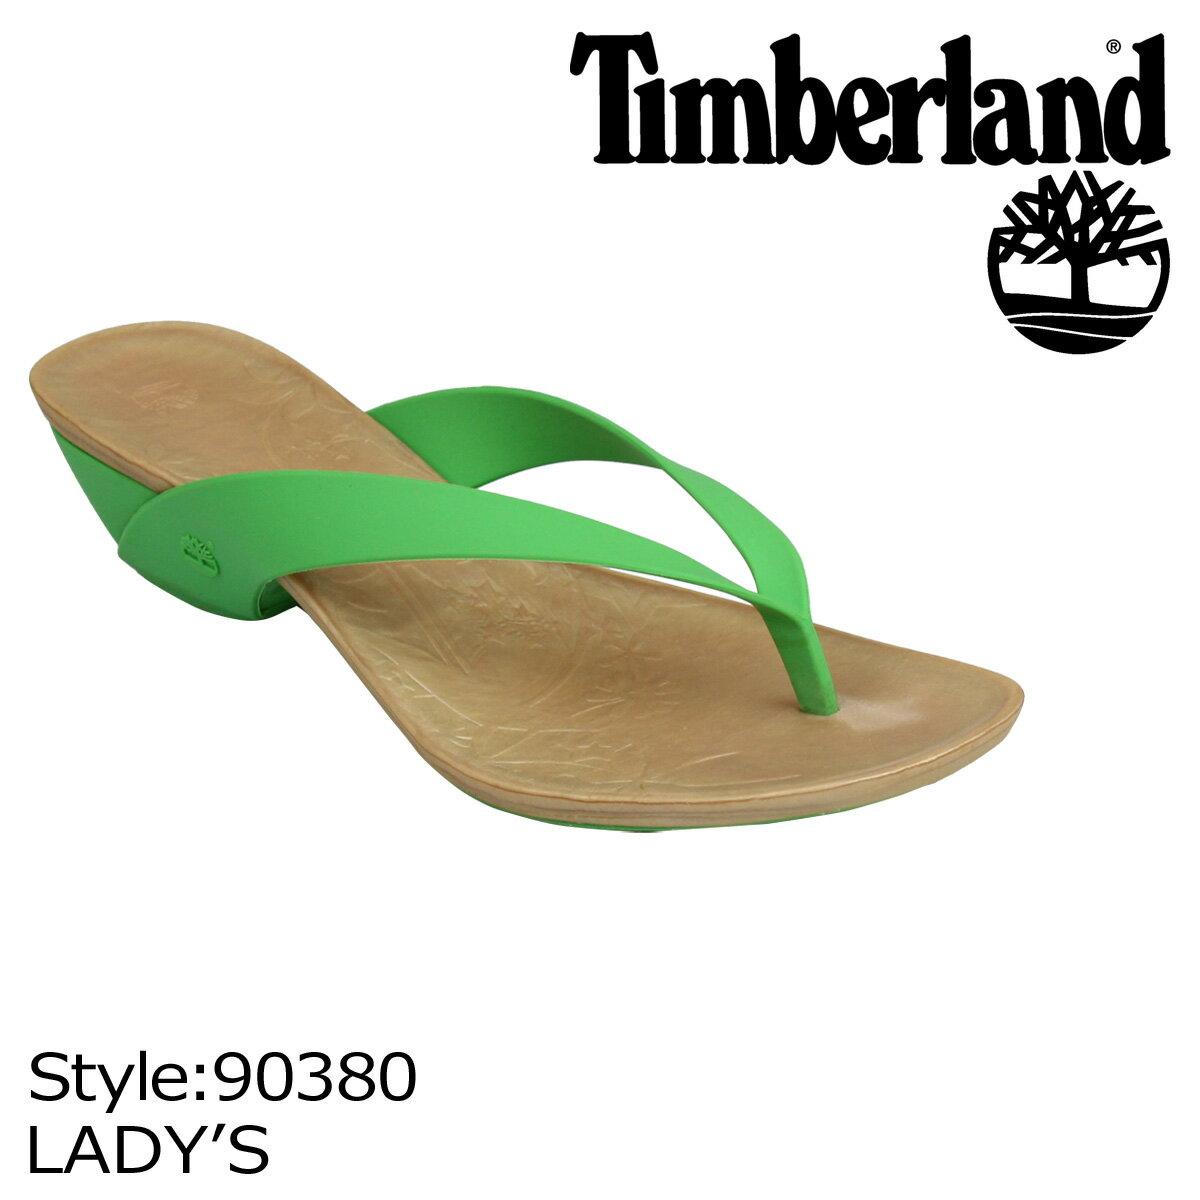 [訳あり] Timberland ティンバーランド レディース WOMEN'S FLIRTATIOUS THONG サンダル トングサンダル 90380 グリーン